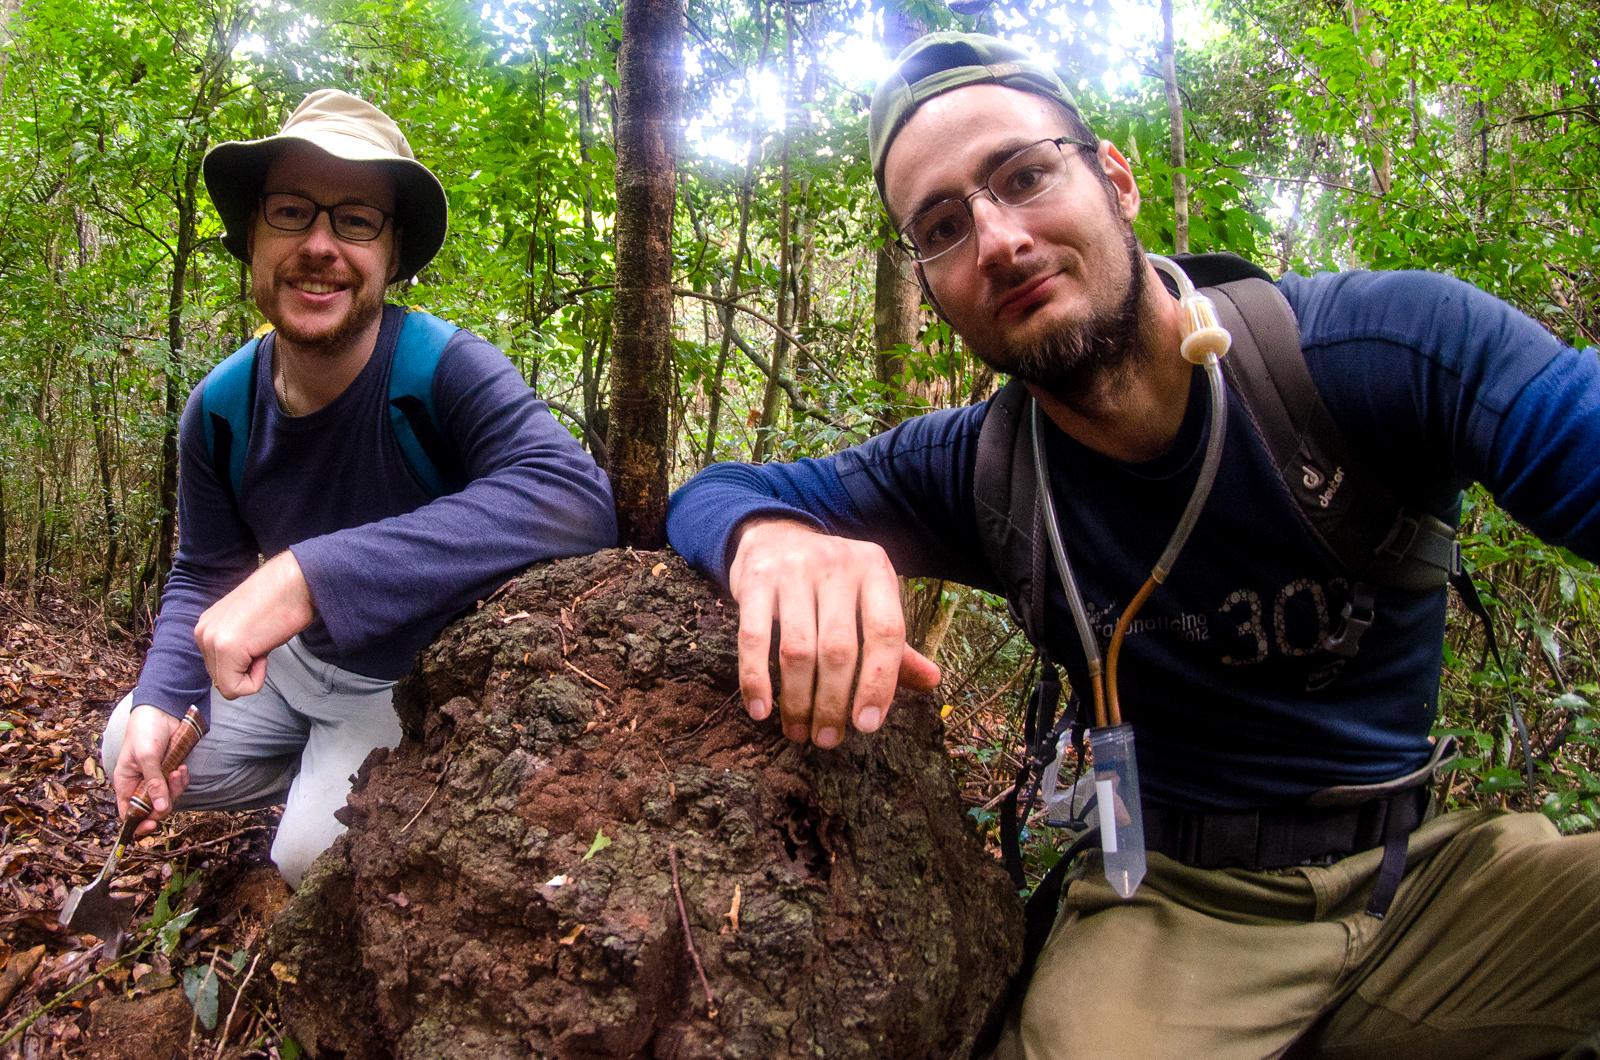 (左から)トーマス・ブルギニョン准教授、シロアリの巣、アレシュ・ブチェク博士